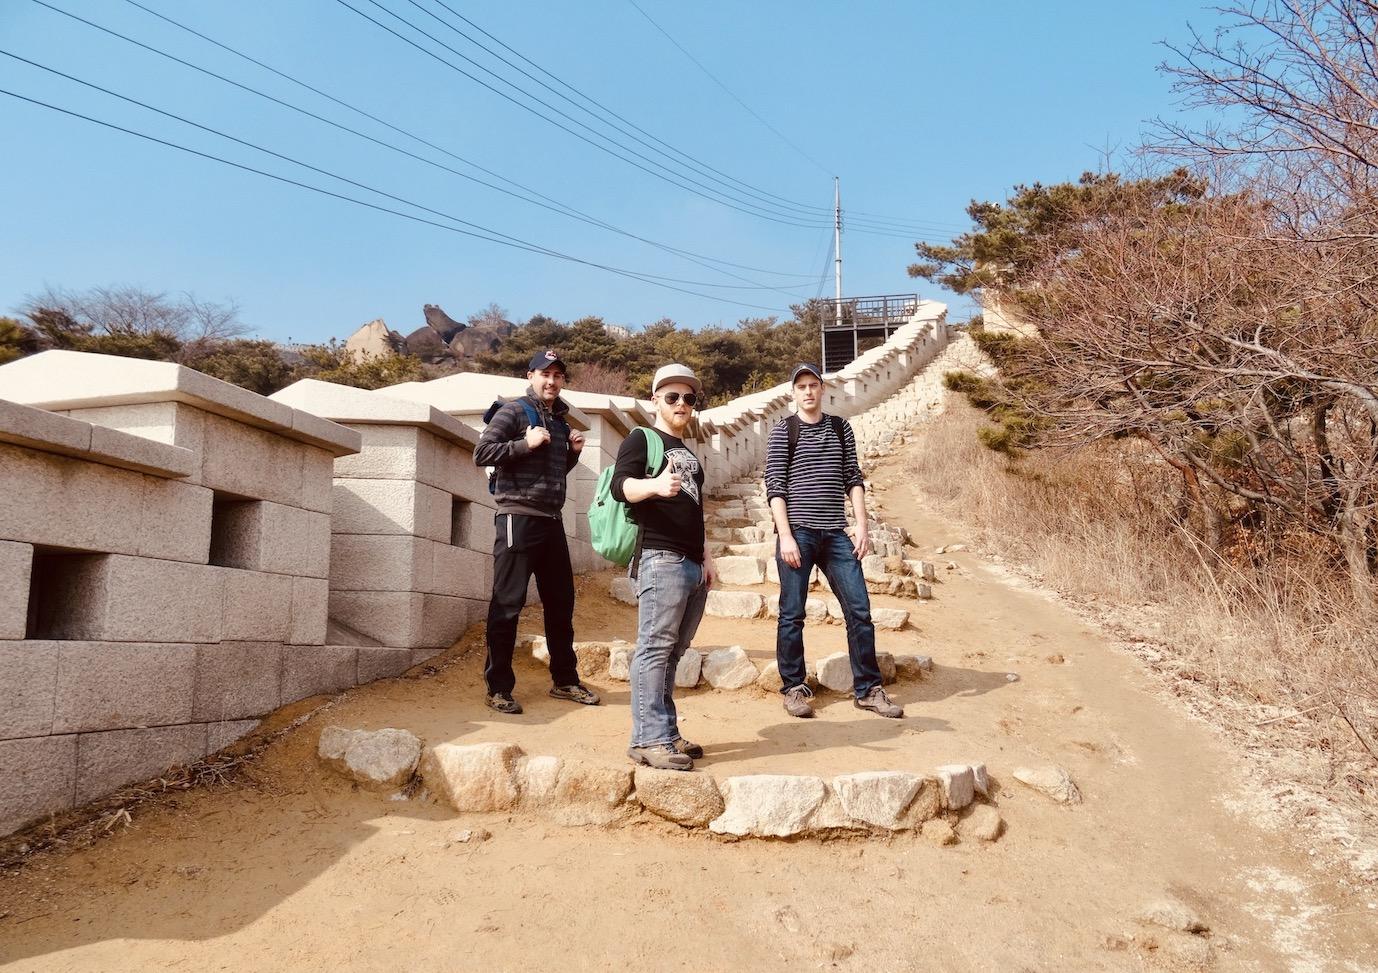 Ingwansan Mountain.